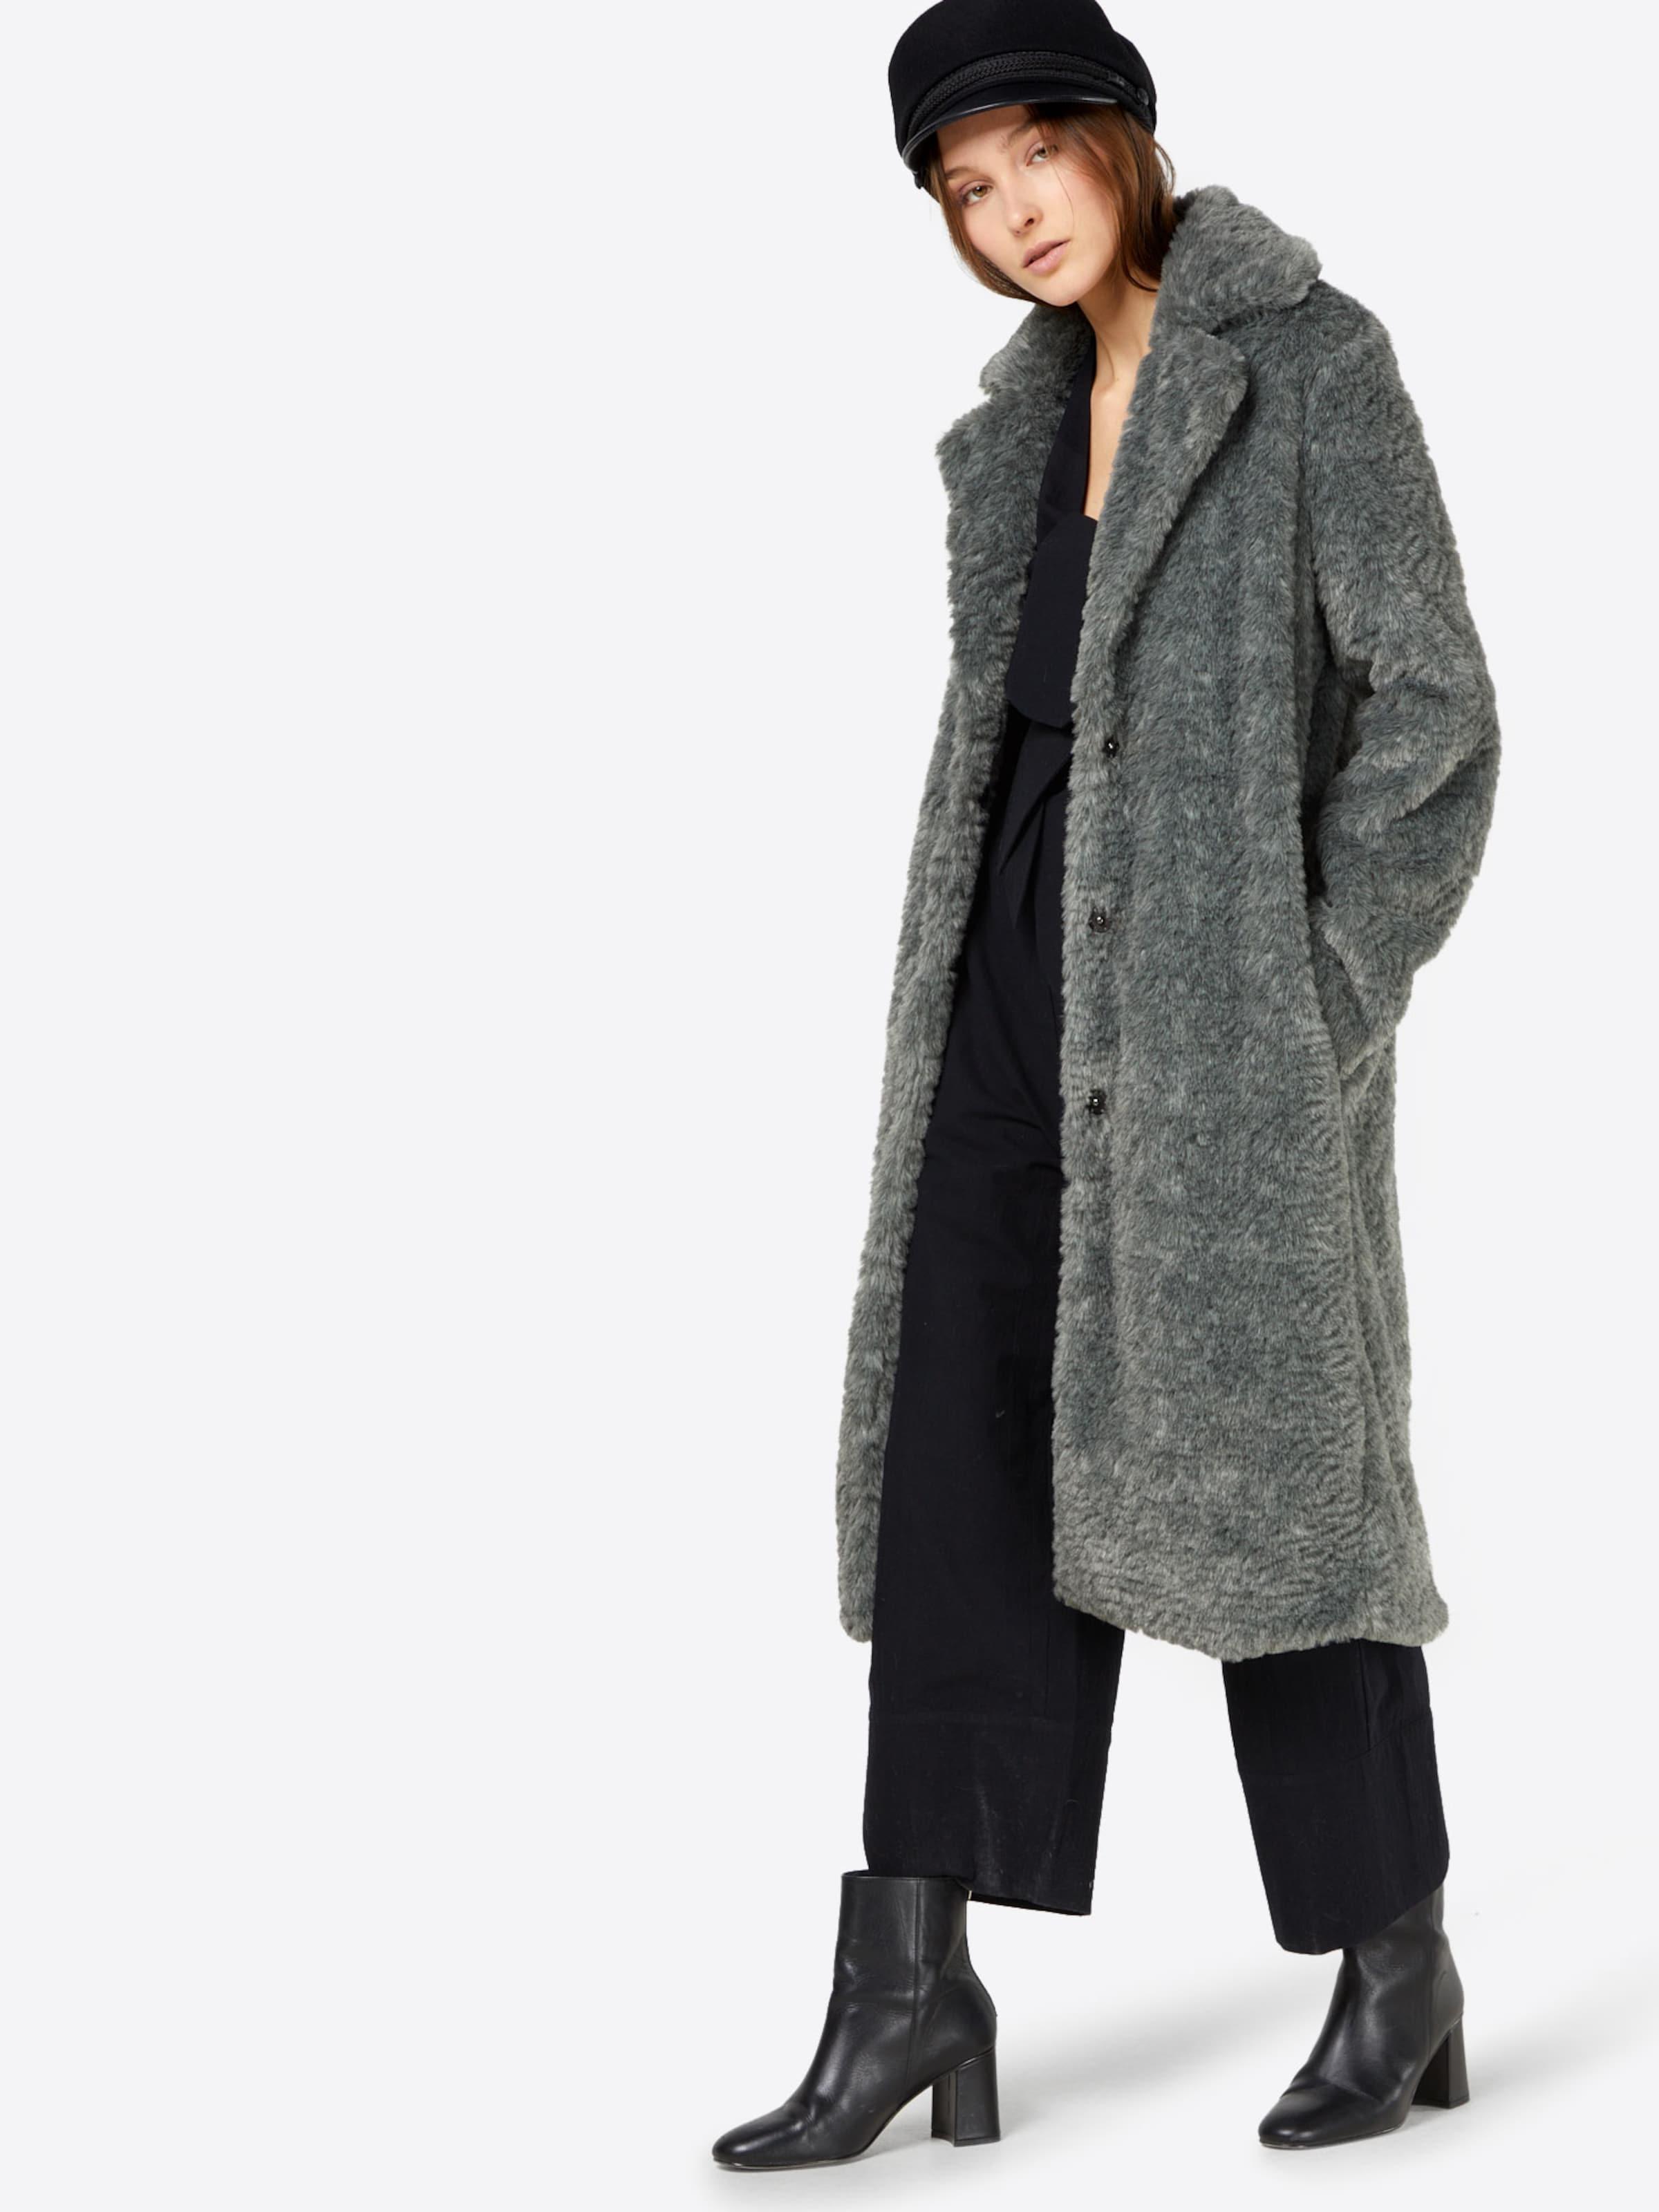 In a Mantel Coat' s Y 'yaspala Grau XN8OnwP0kZ